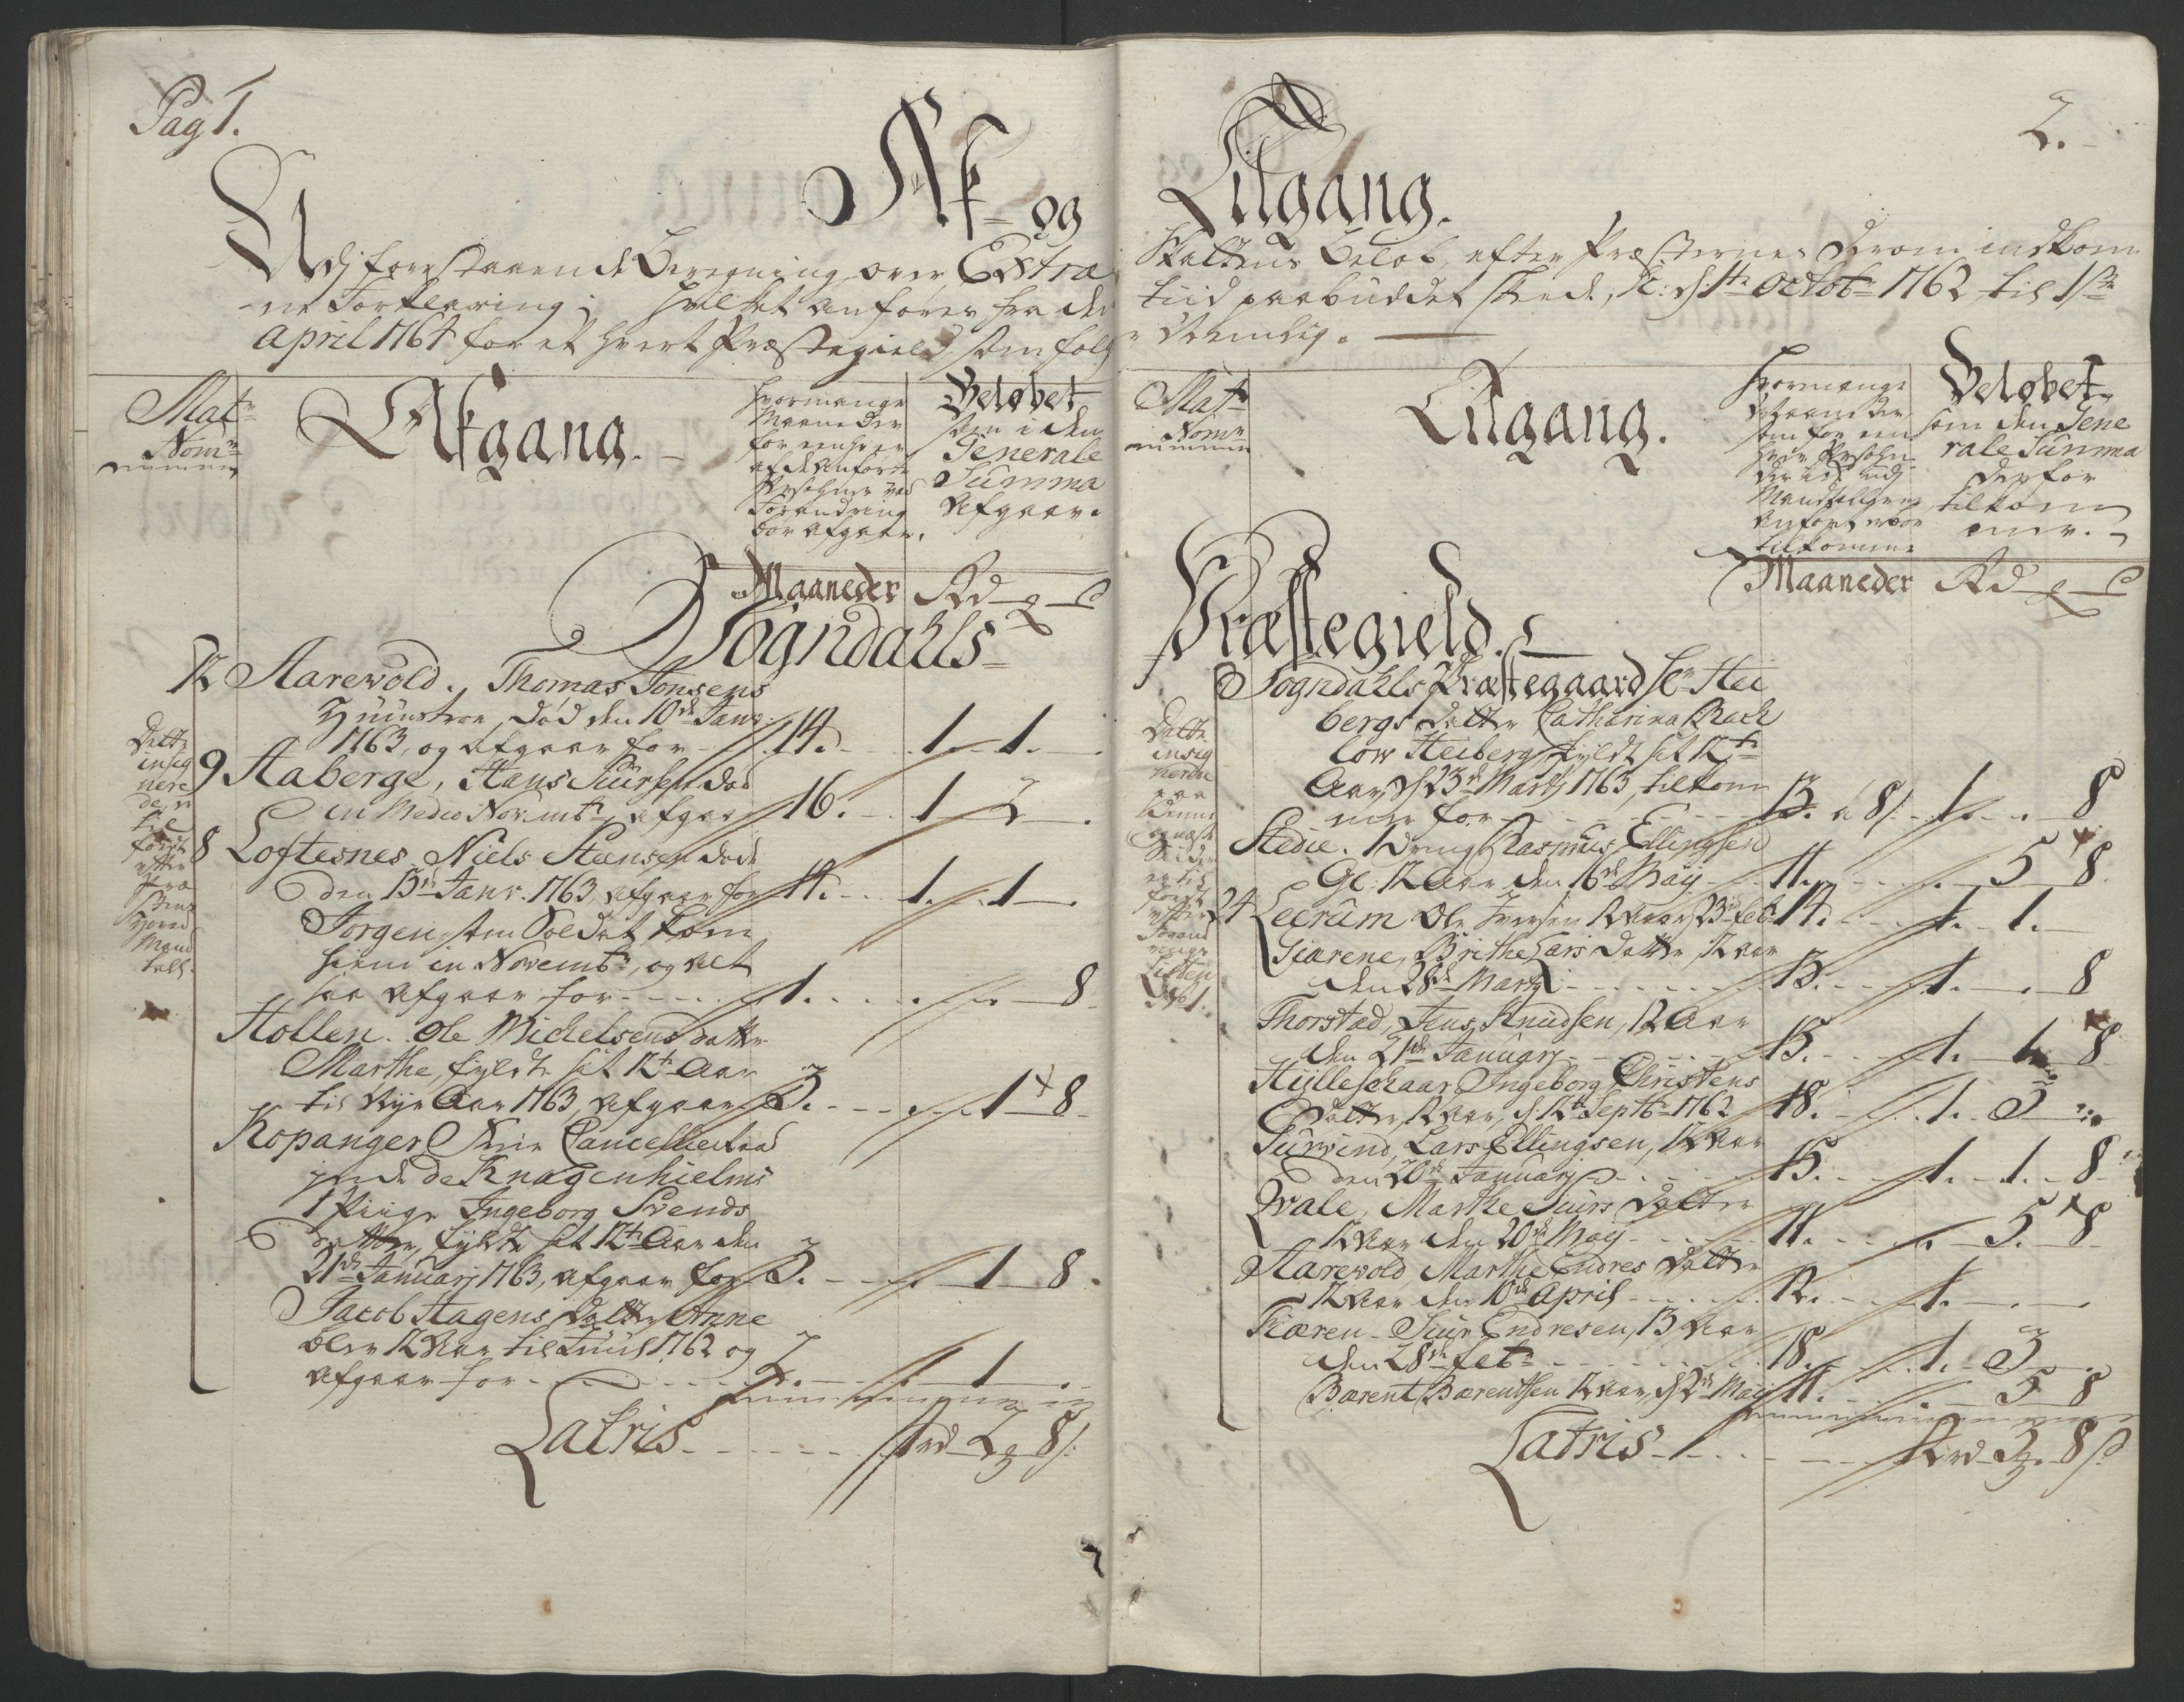 RA, Rentekammeret inntil 1814, Realistisk ordnet avdeling, Ol/L0018: [Gg 10]: Ekstraskatten, 23.09.1762. Sogn, 1762-1772, s. 44